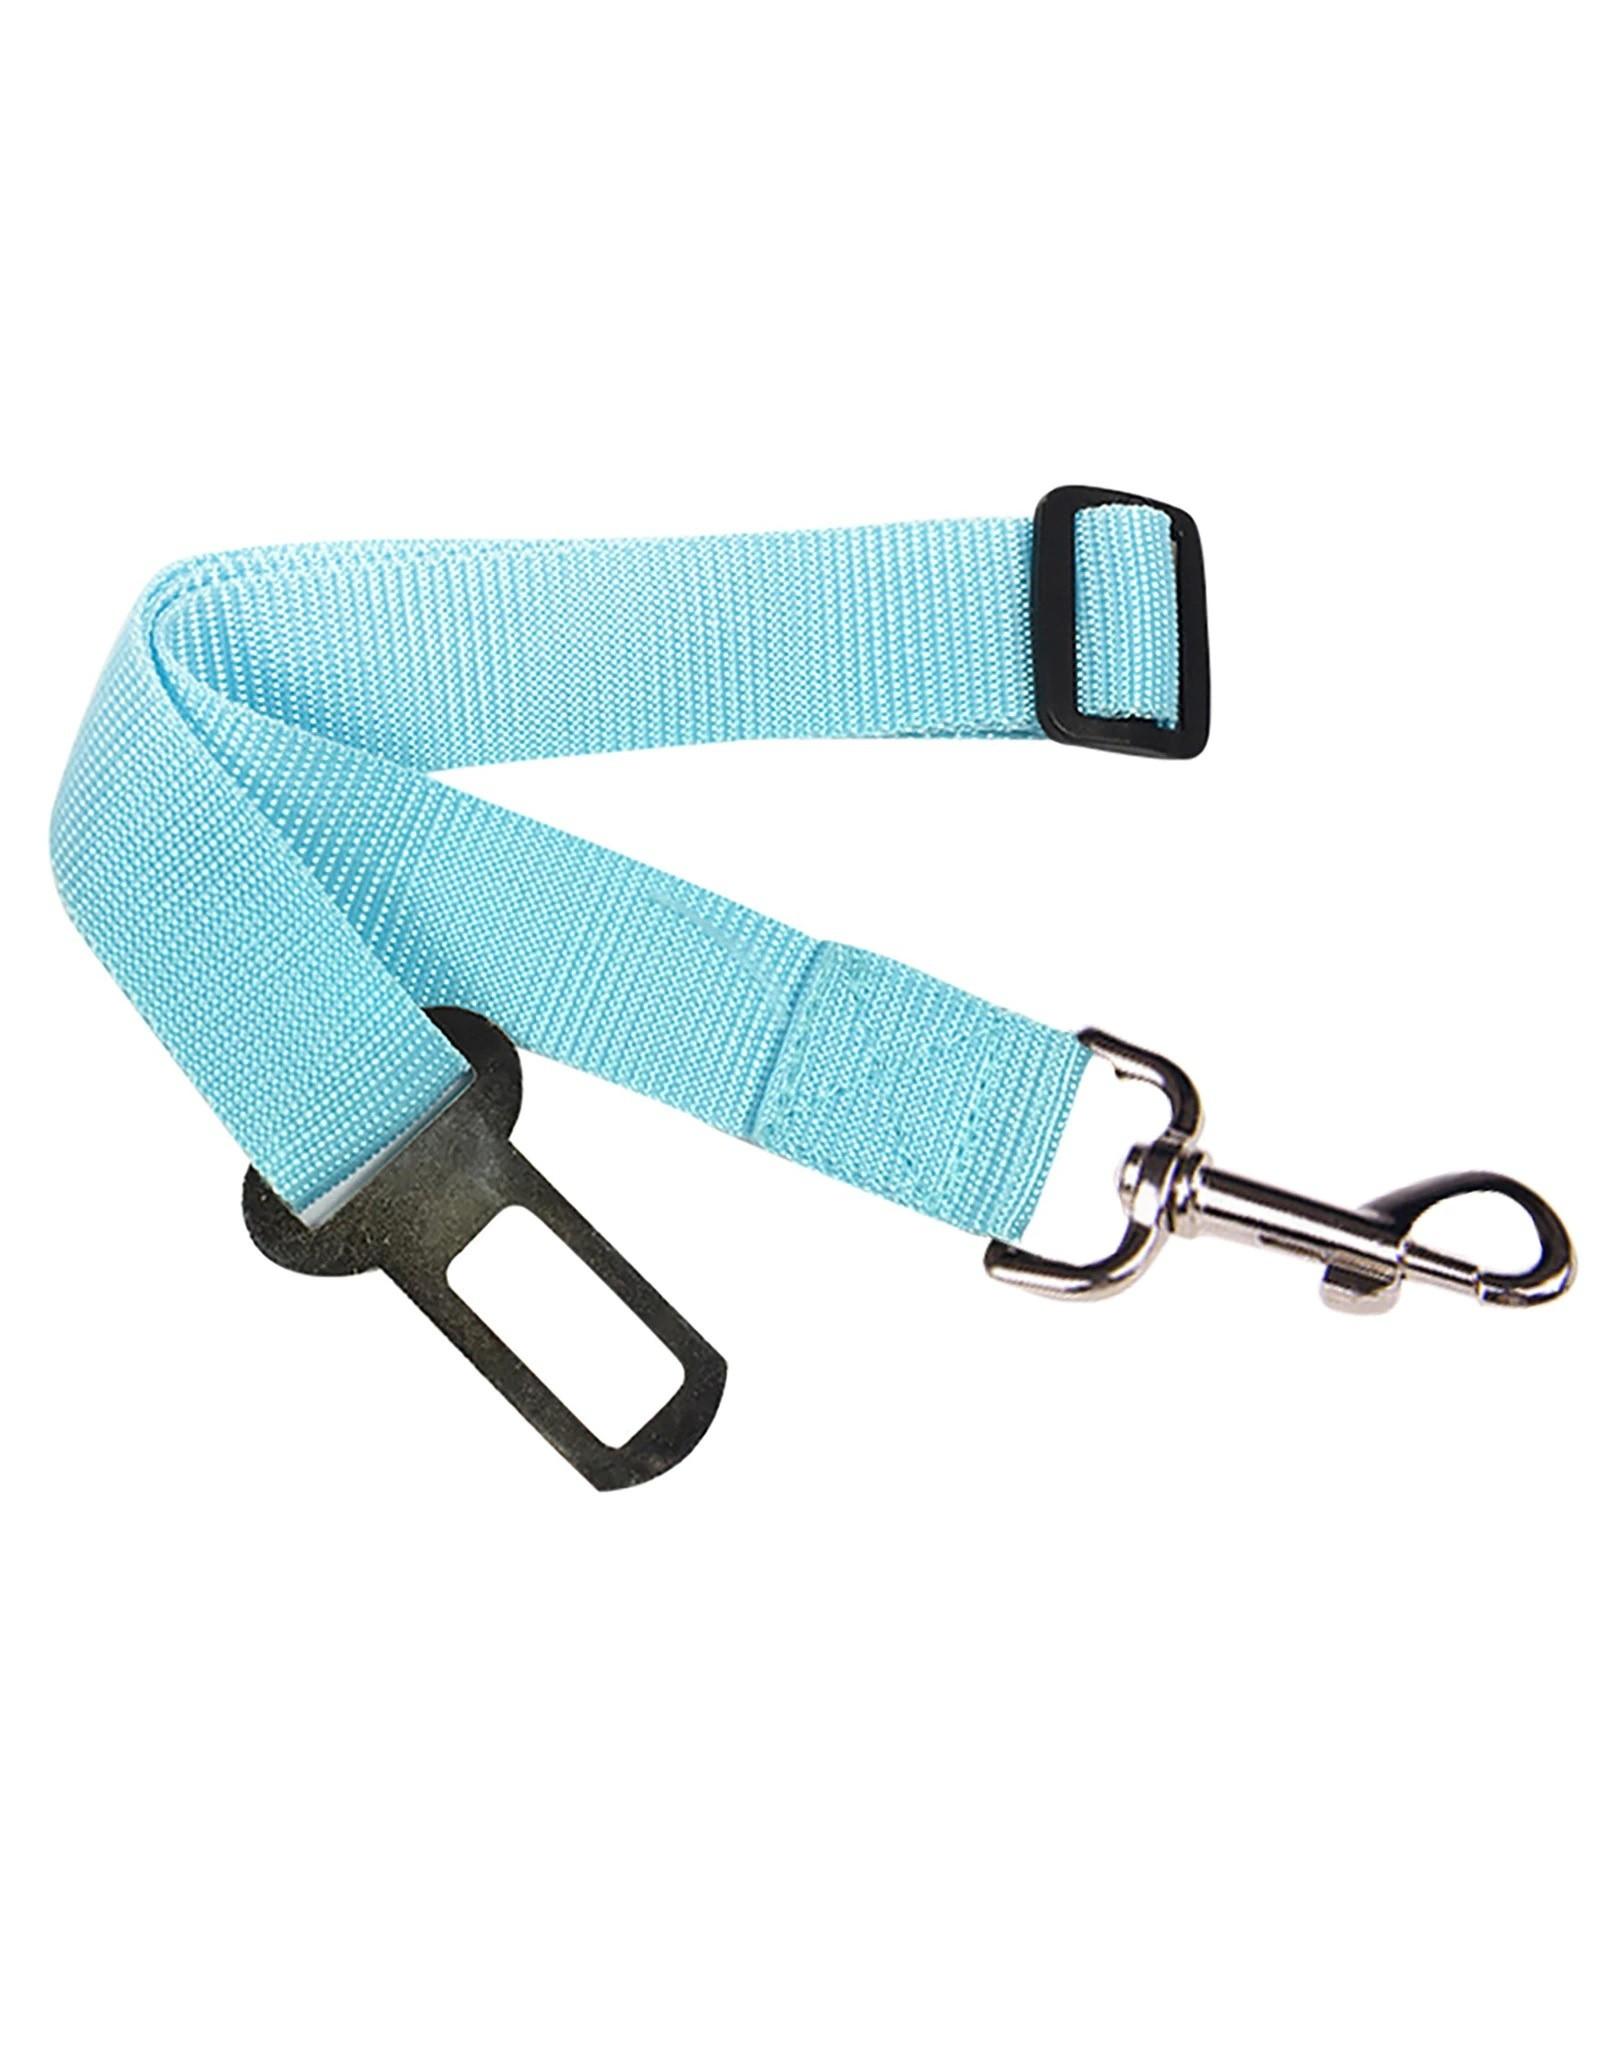 Merkloos Hondengordel - veiligheid - hondenautogordel - veiligheidsgordel hond